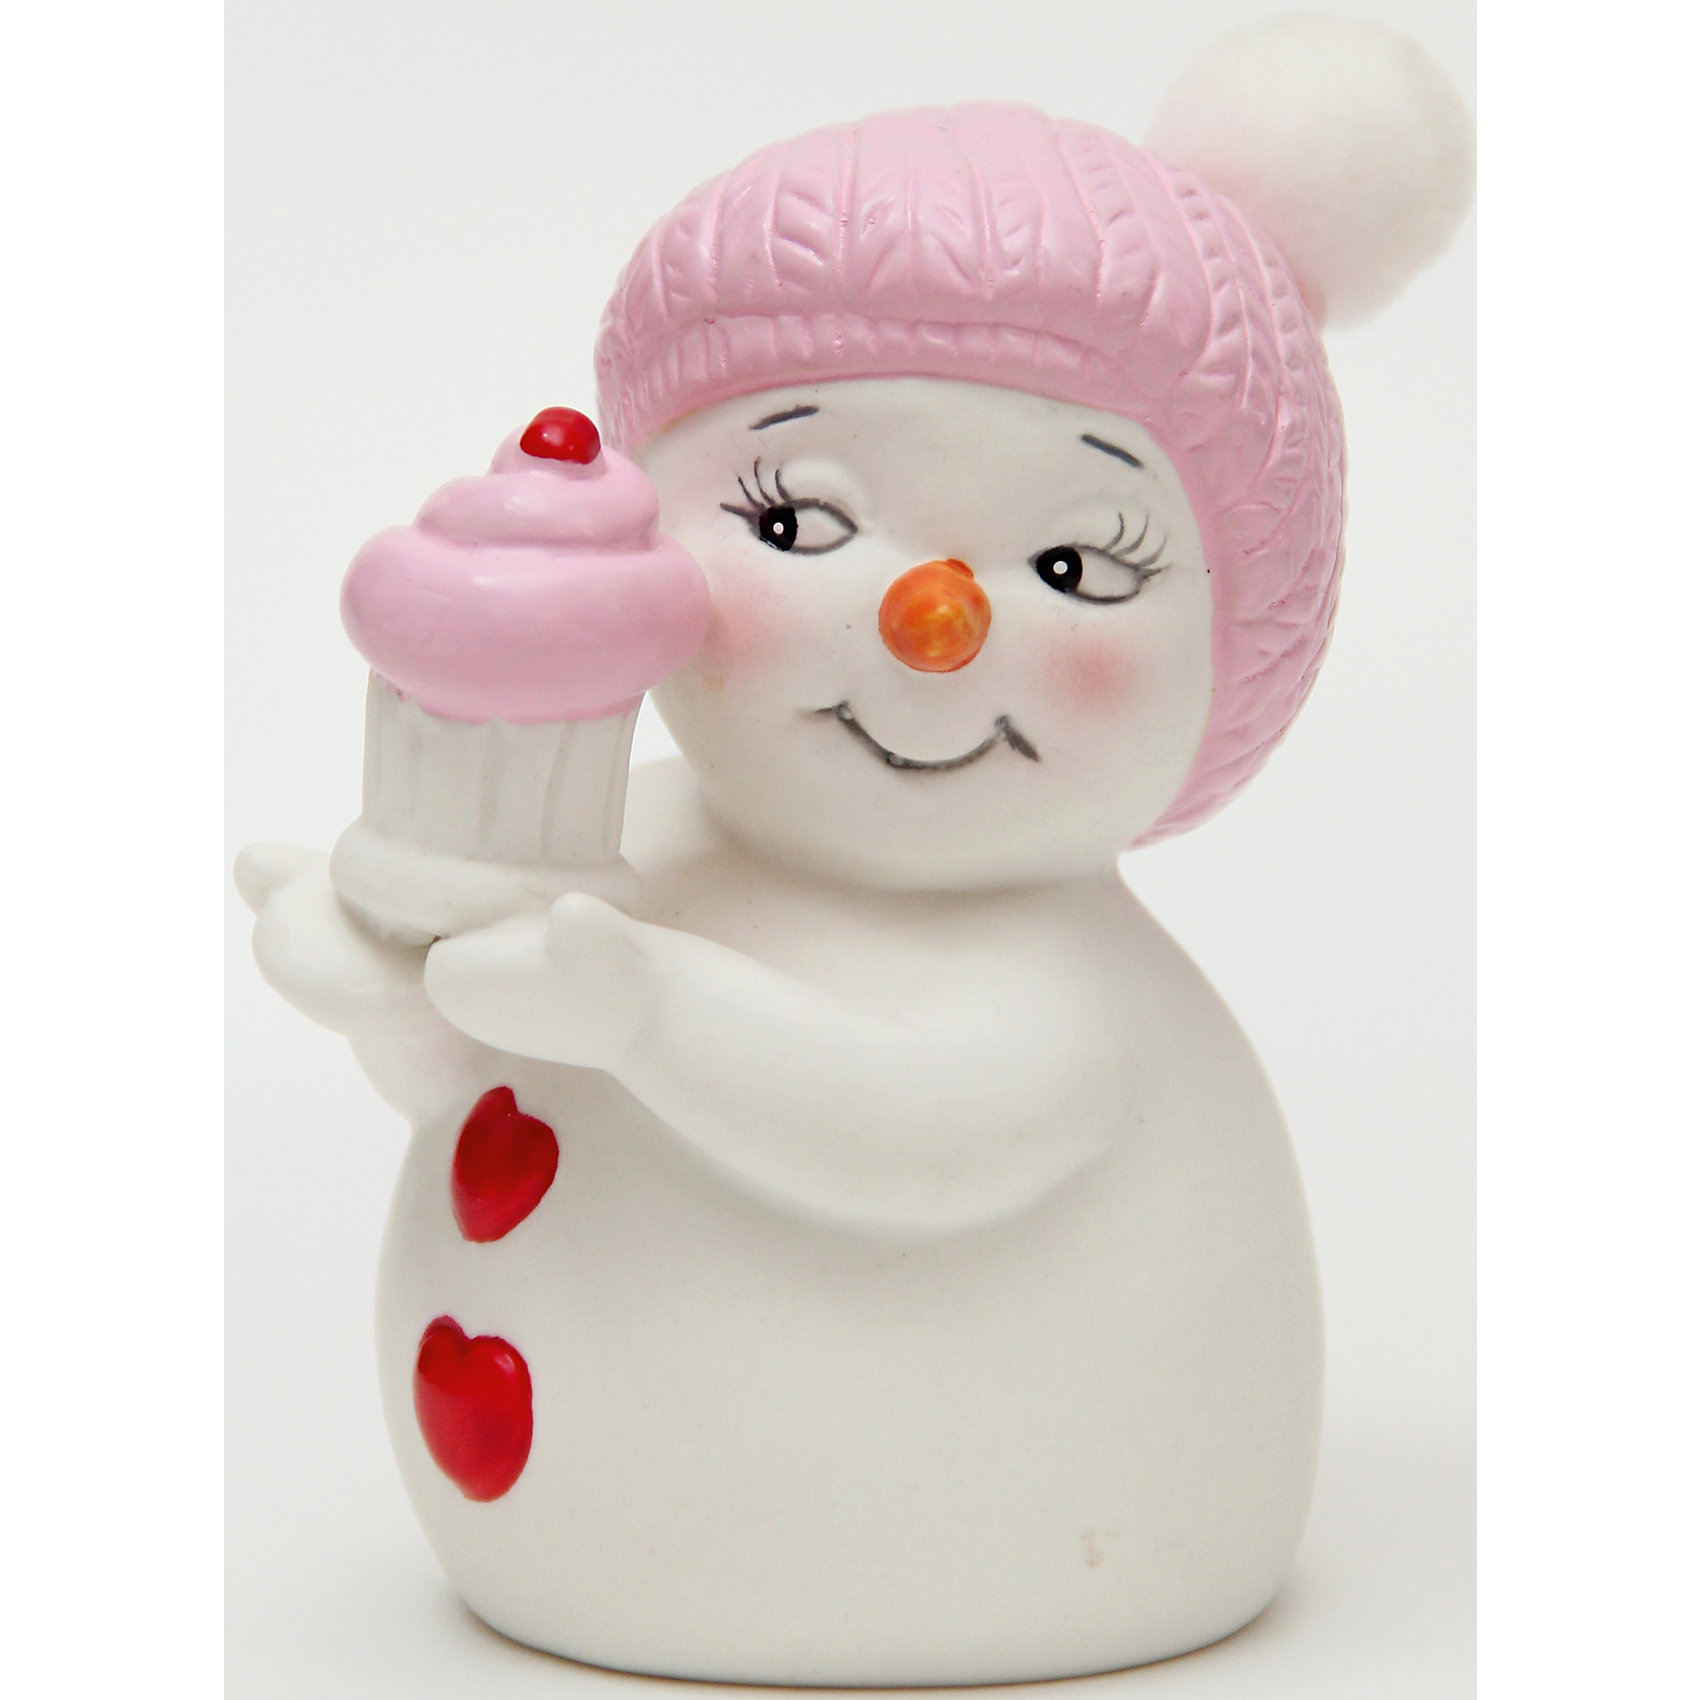 Керамический снеговик Девочка с кексикомЭта керамическая фигурка может стать отличным подарком на Новый год или украшением для дома! Особое время - сам праздник и предновогодние хлопоты - ждут не только дети, но и взрослые! Праздничное настроение создает в первую очередь украшенный дом и наряженная ёлка. <br>Эта фигурка создаст особый настрой, она выглядит очень празднично и симпатично. Изделие произведено из безопасного для детей материала. Создайте с ним праздничное настроение себе и близким!<br><br>Дополнительная информация:<br><br>цвет: разноцветный;<br>материал: керамика;<br>размер: 8 см.<br><br>Керамический снеговик Девочка с кексиком можно купить в нашем магазине.<br><br>Ширина мм: 150<br>Глубина мм: 150<br>Высота мм: 60<br>Вес г: 125<br>Возраст от месяцев: 36<br>Возраст до месяцев: 2147483647<br>Пол: Унисекс<br>Возраст: Детский<br>SKU: 4981671